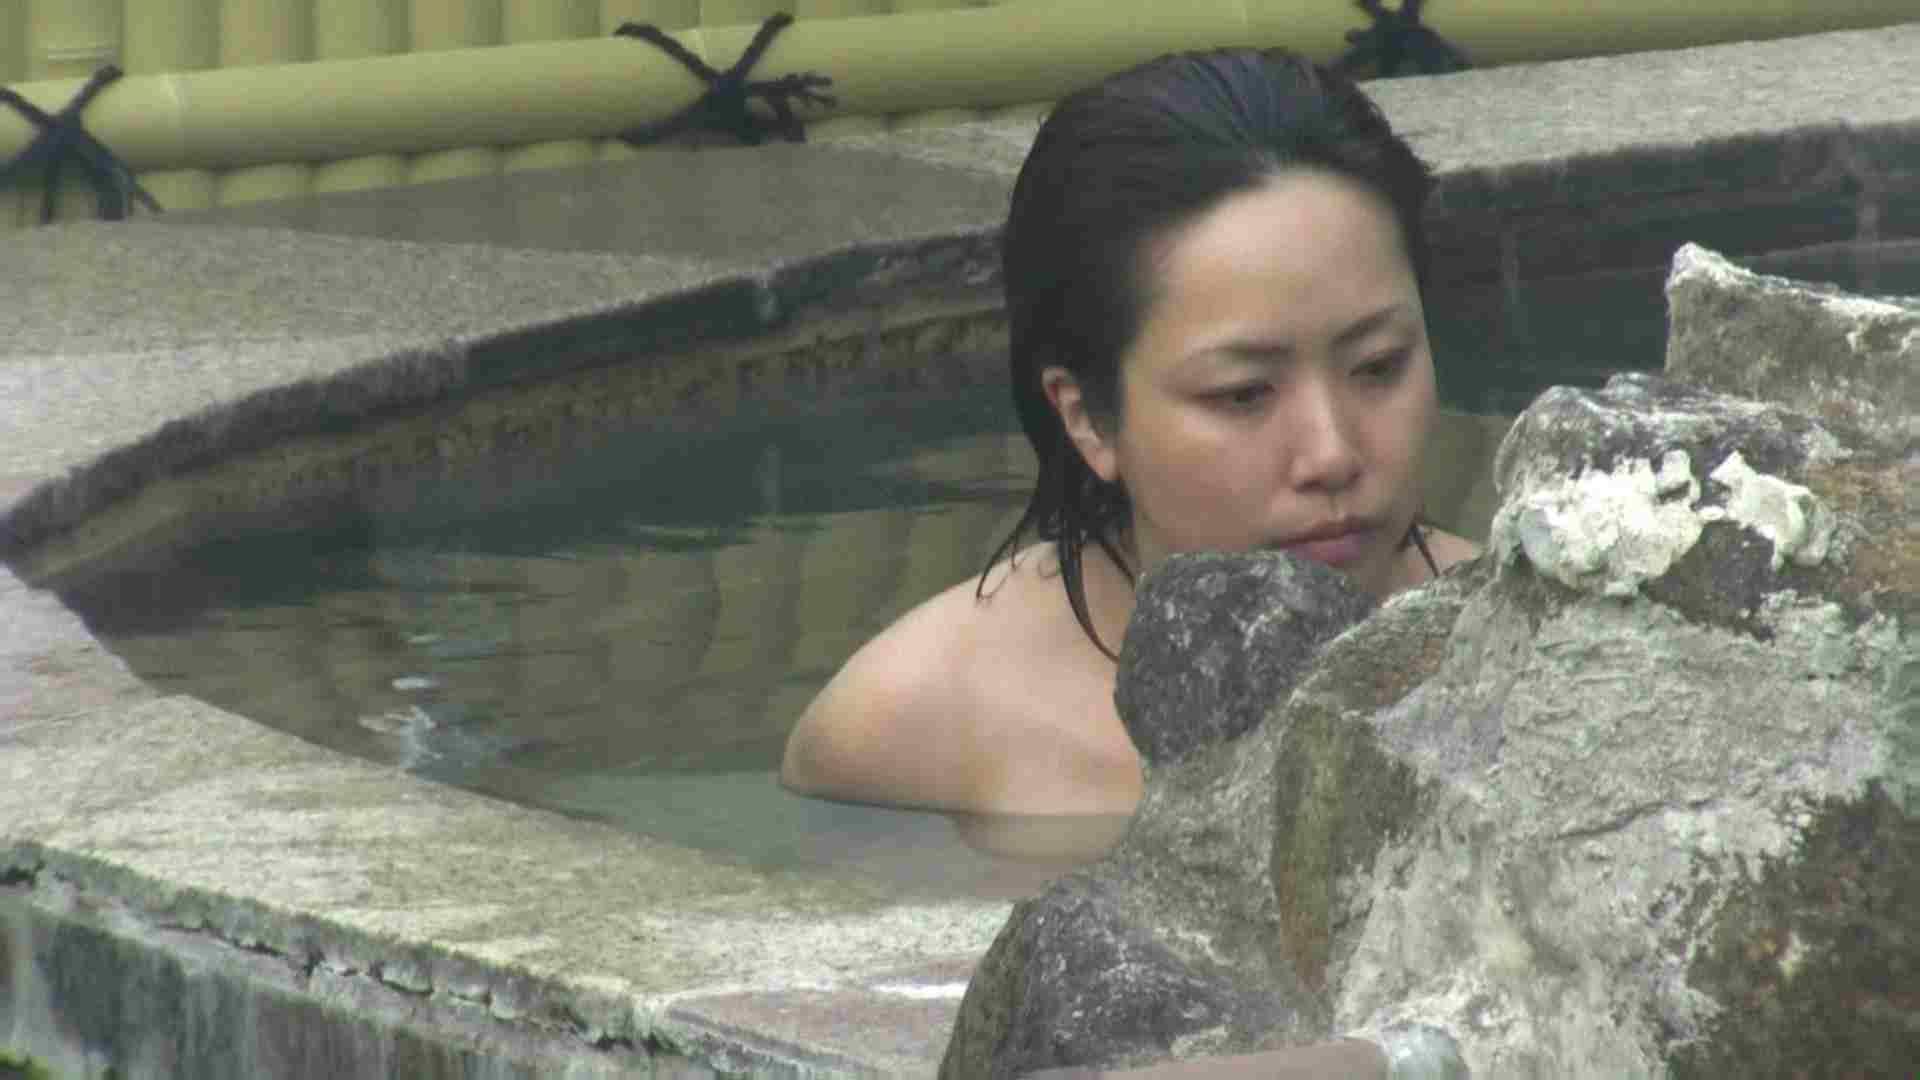 Aquaな露天風呂Vol.604 綺麗なOLたち   盗撮  111枚 49